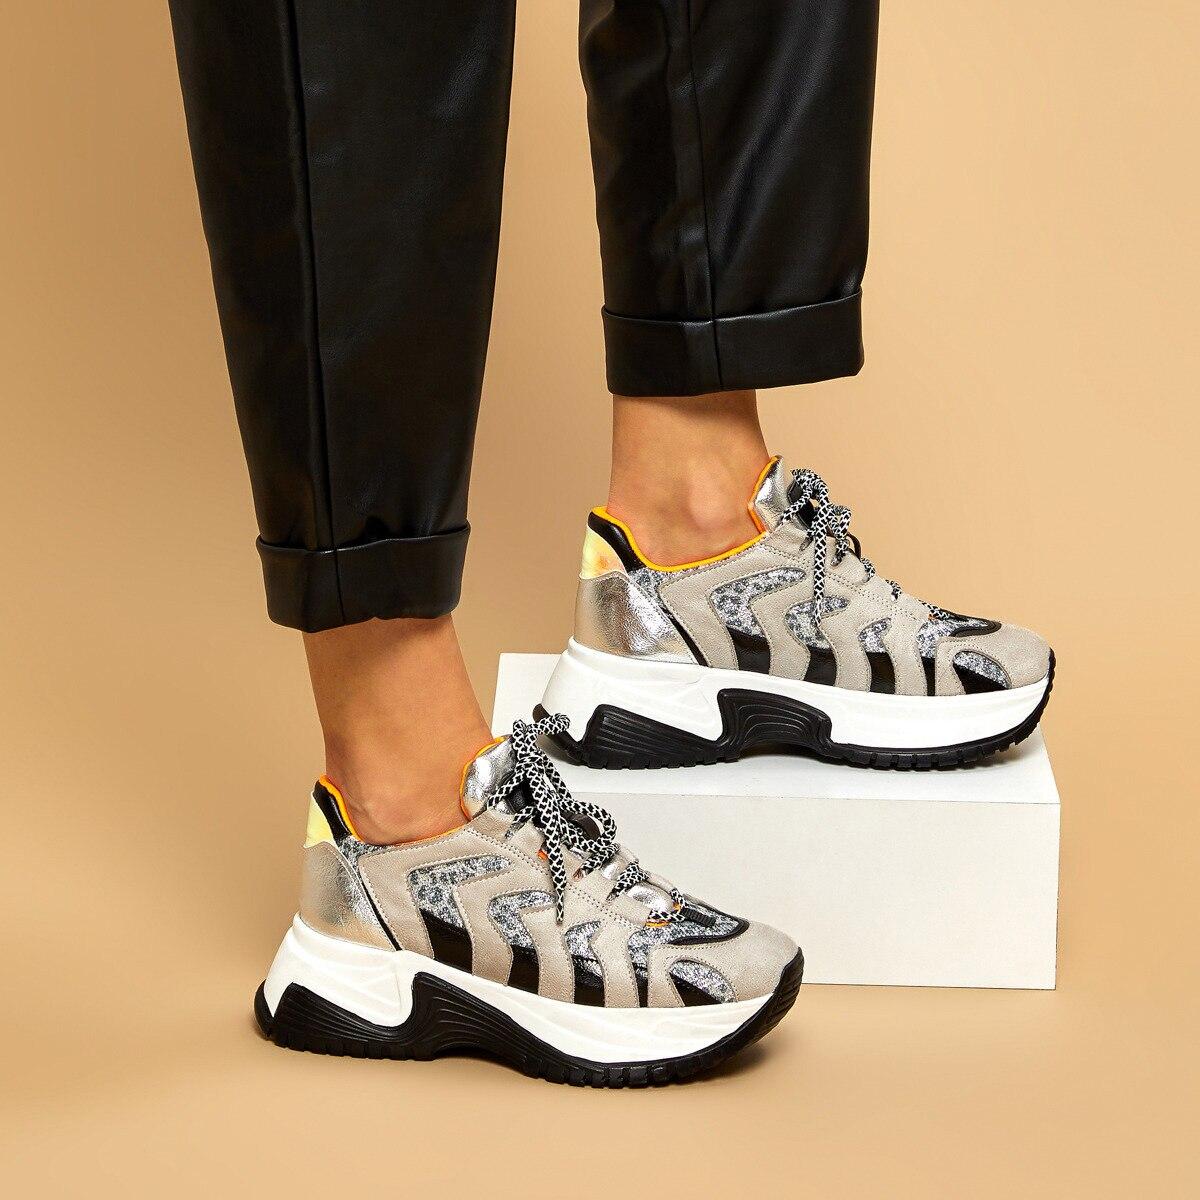 FLO MİKADO Gray Women 'S Sneaker BUTIGO